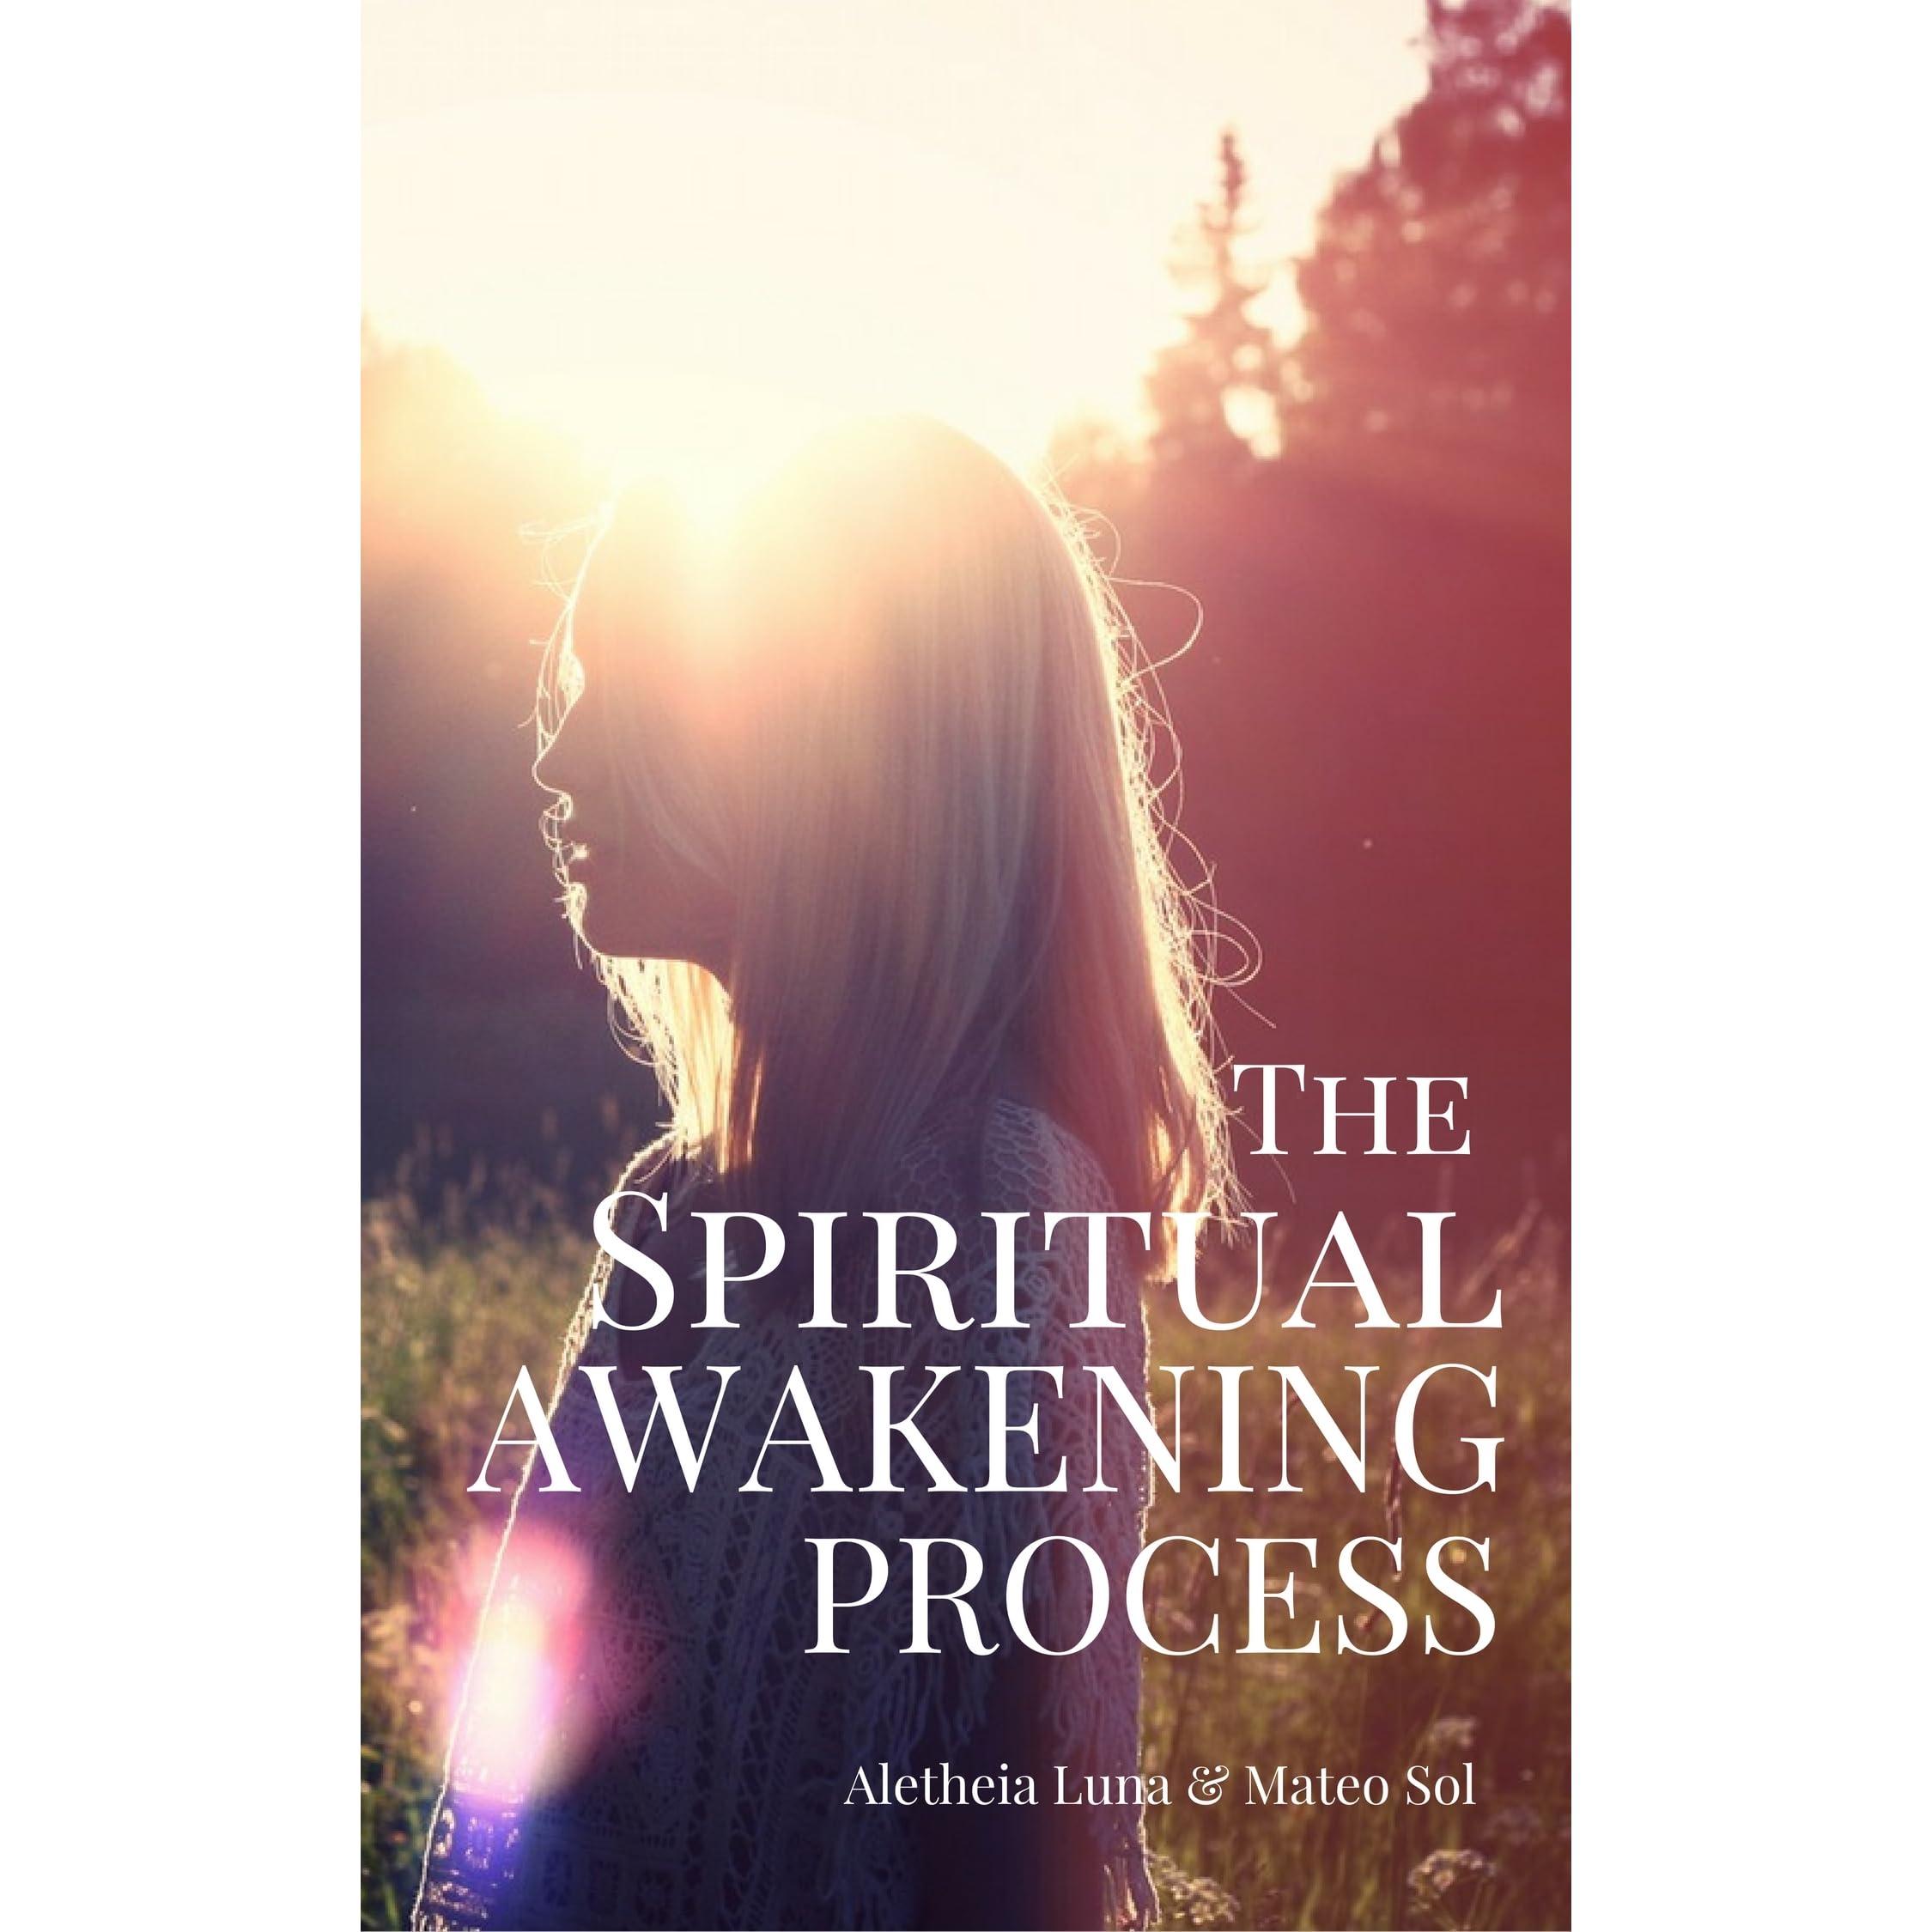 The Spiritual Awakening Process by Mateo Sol